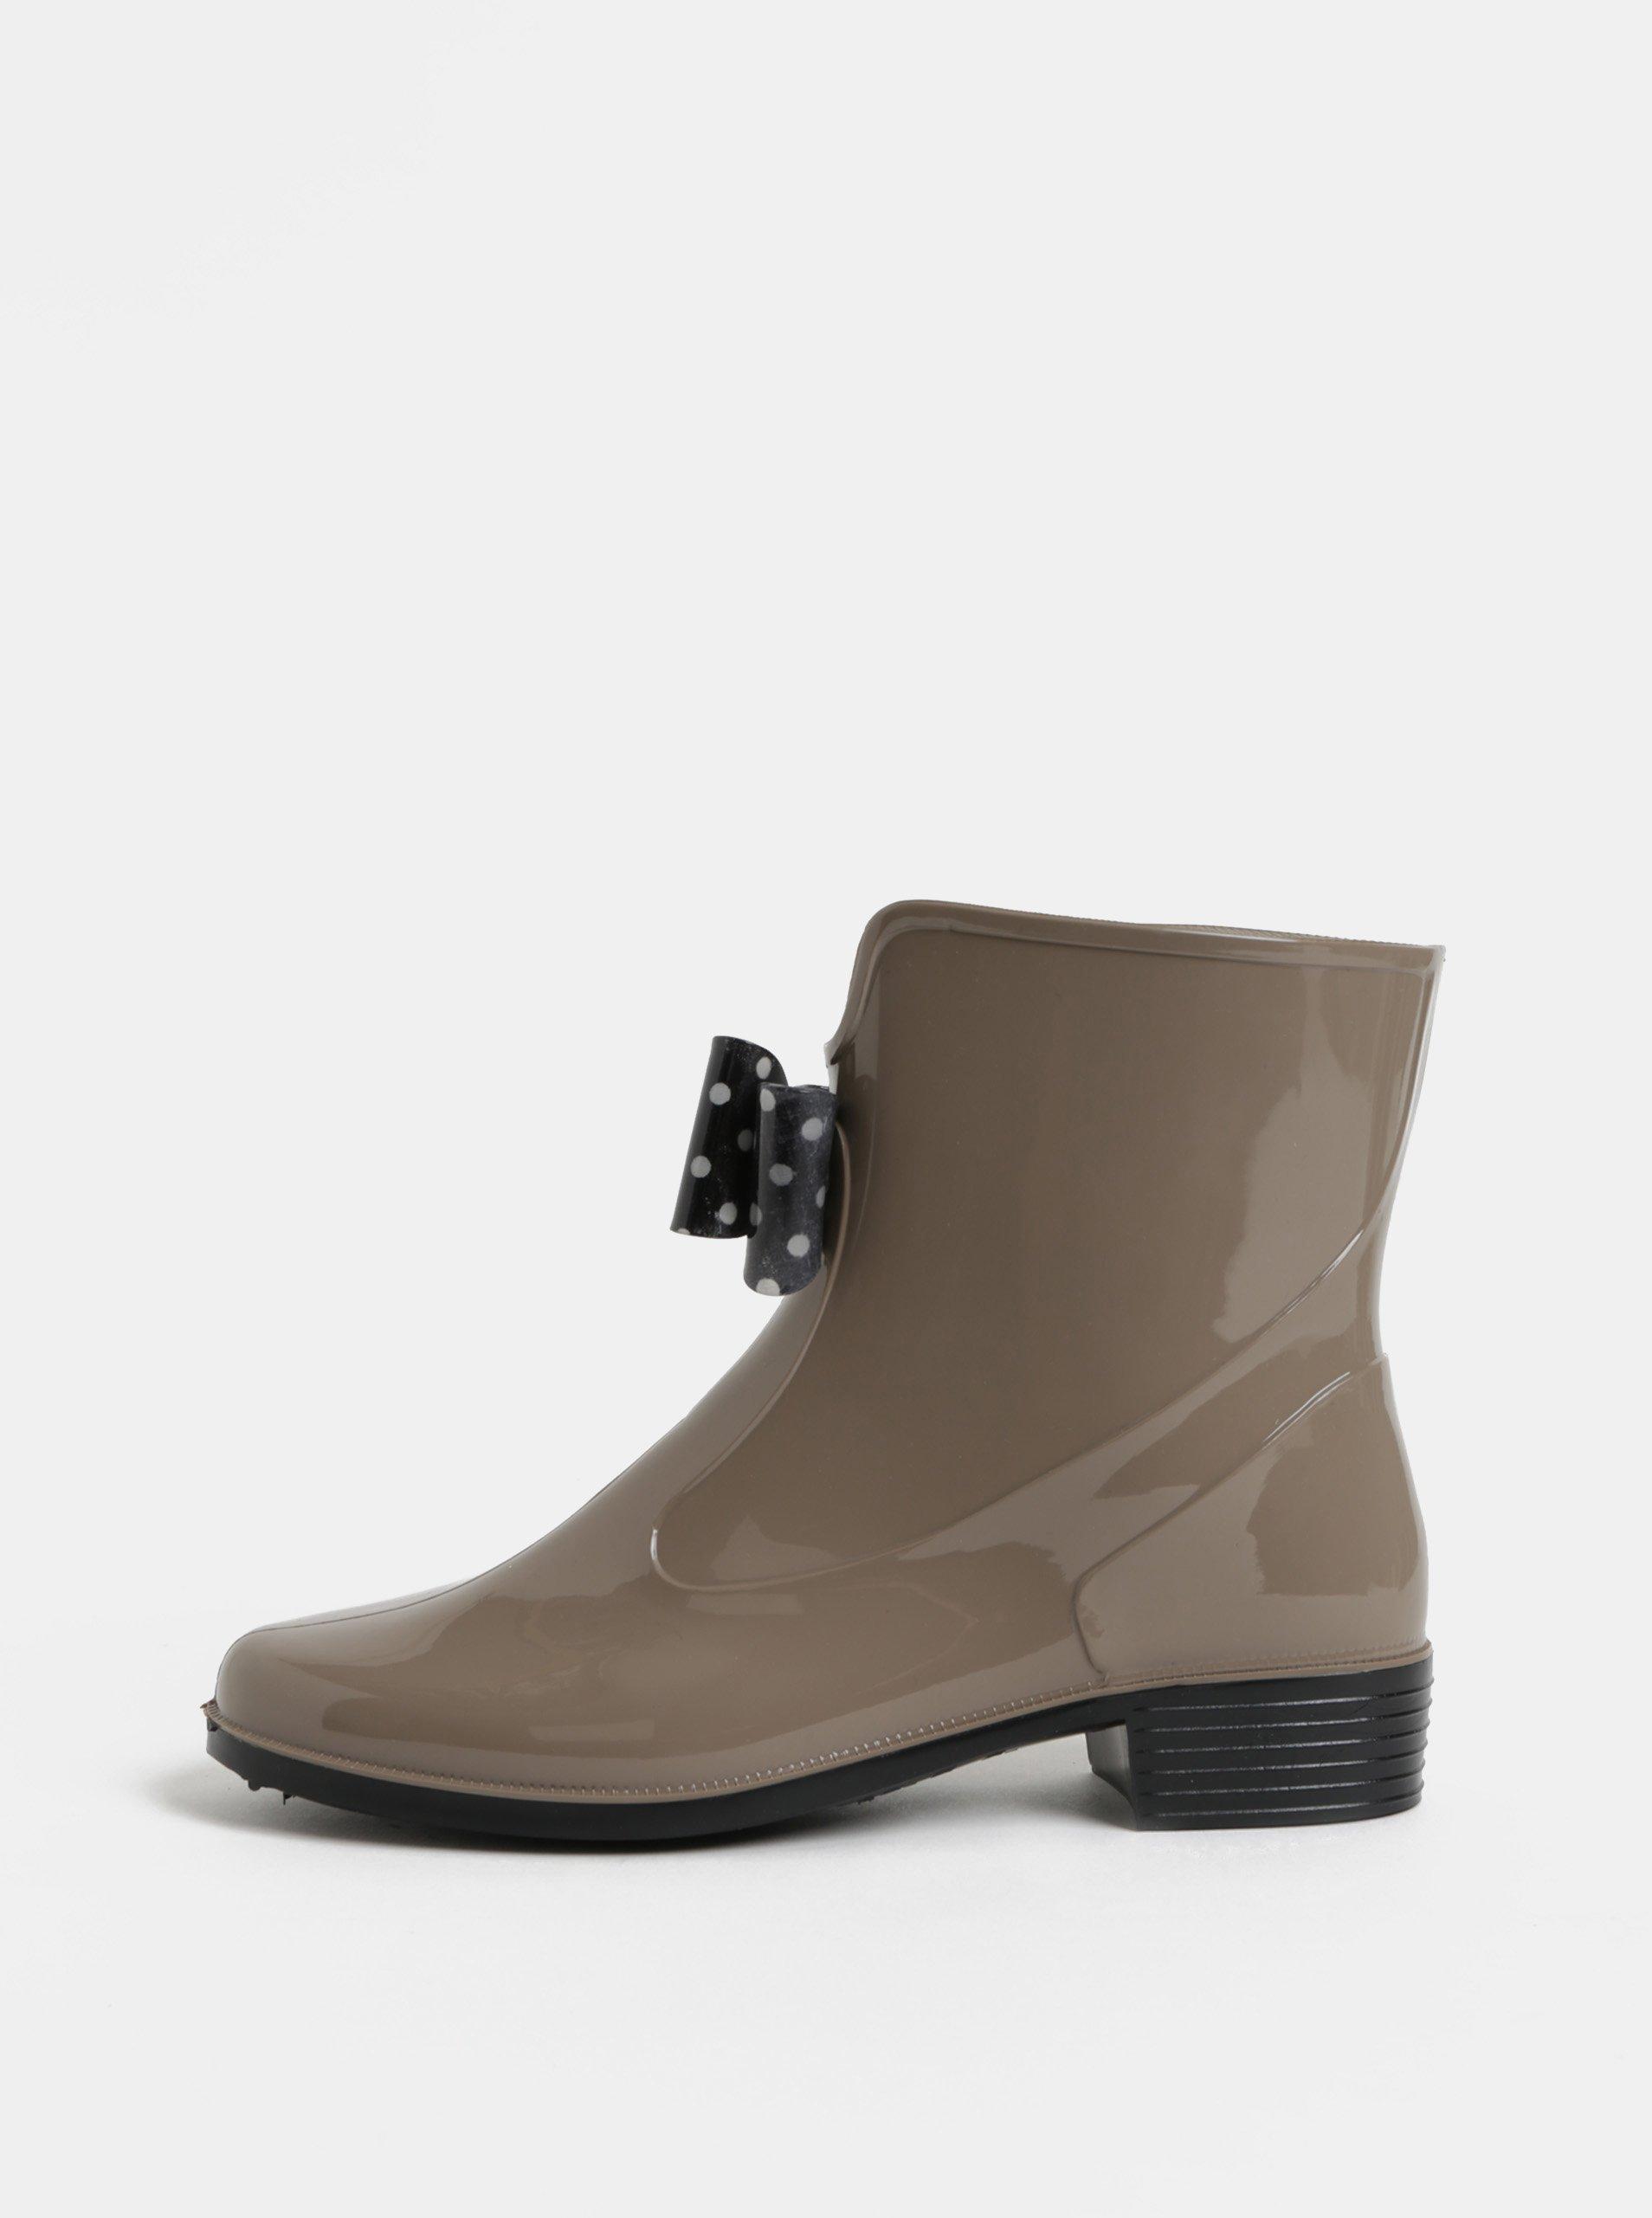 a8154a89610c0 Béžové gumové kotníkové boty s puntíkovanou mašlí OJJU